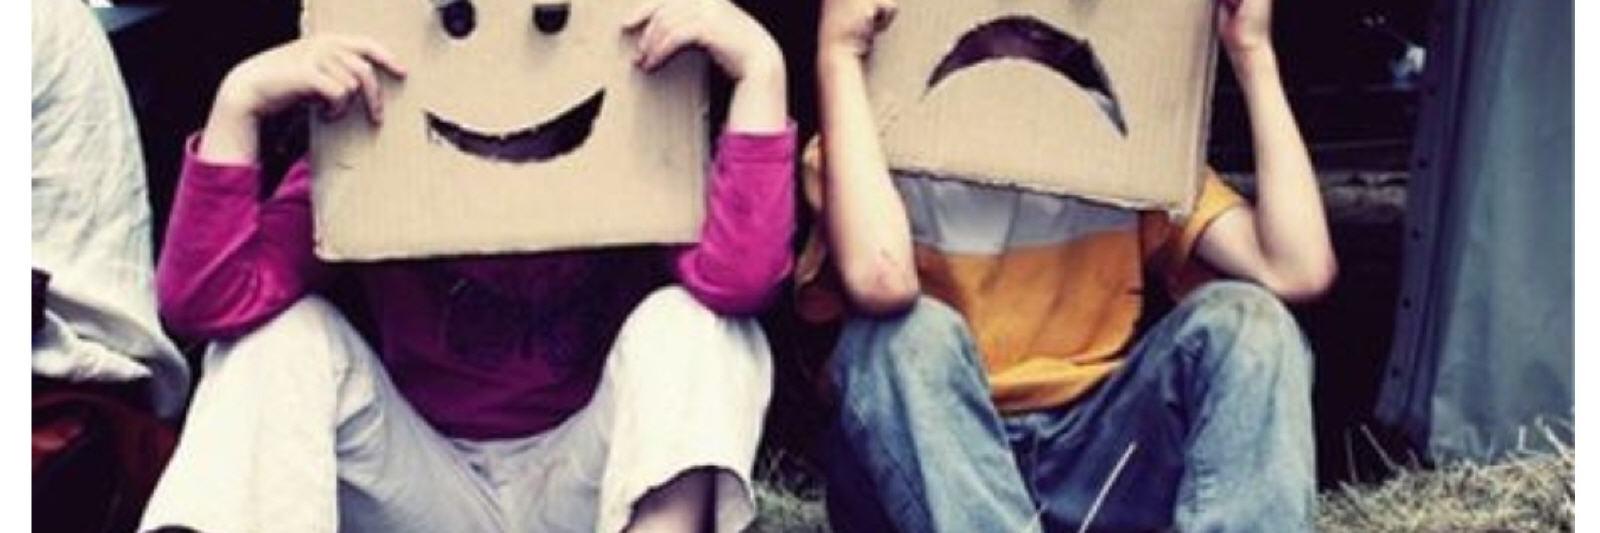 Psicodiagnosis Psicologa infantil y juvenil